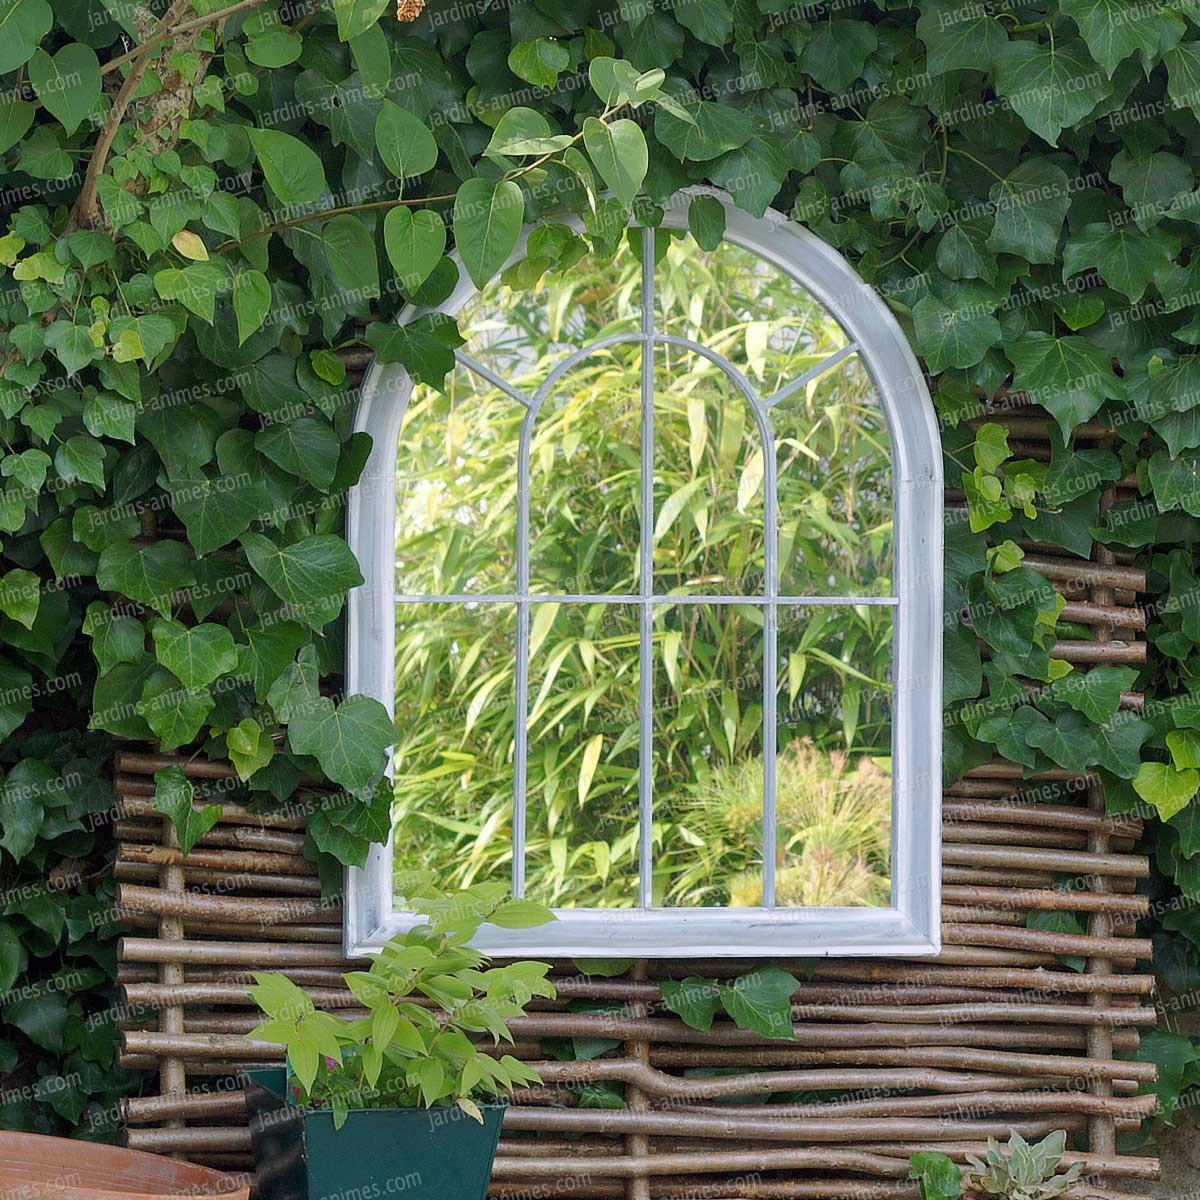 Grand Choix D'objets Déco De Jardin Au Meilleur Prix ... pour Objets Decoration Jardin Exterieur